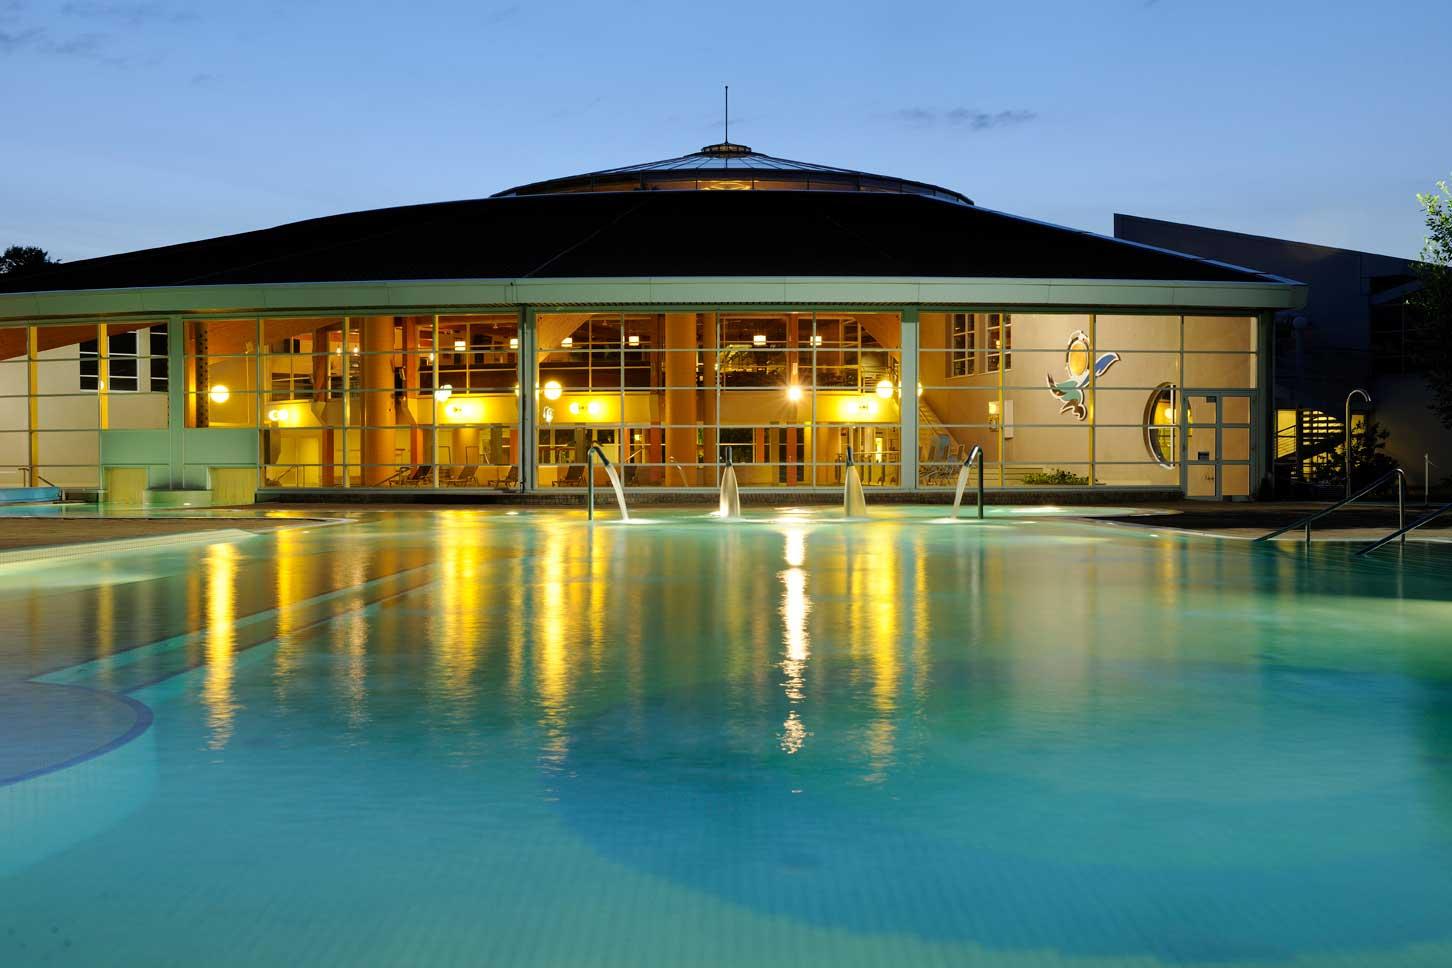 Schwimmbad Nachtansicht